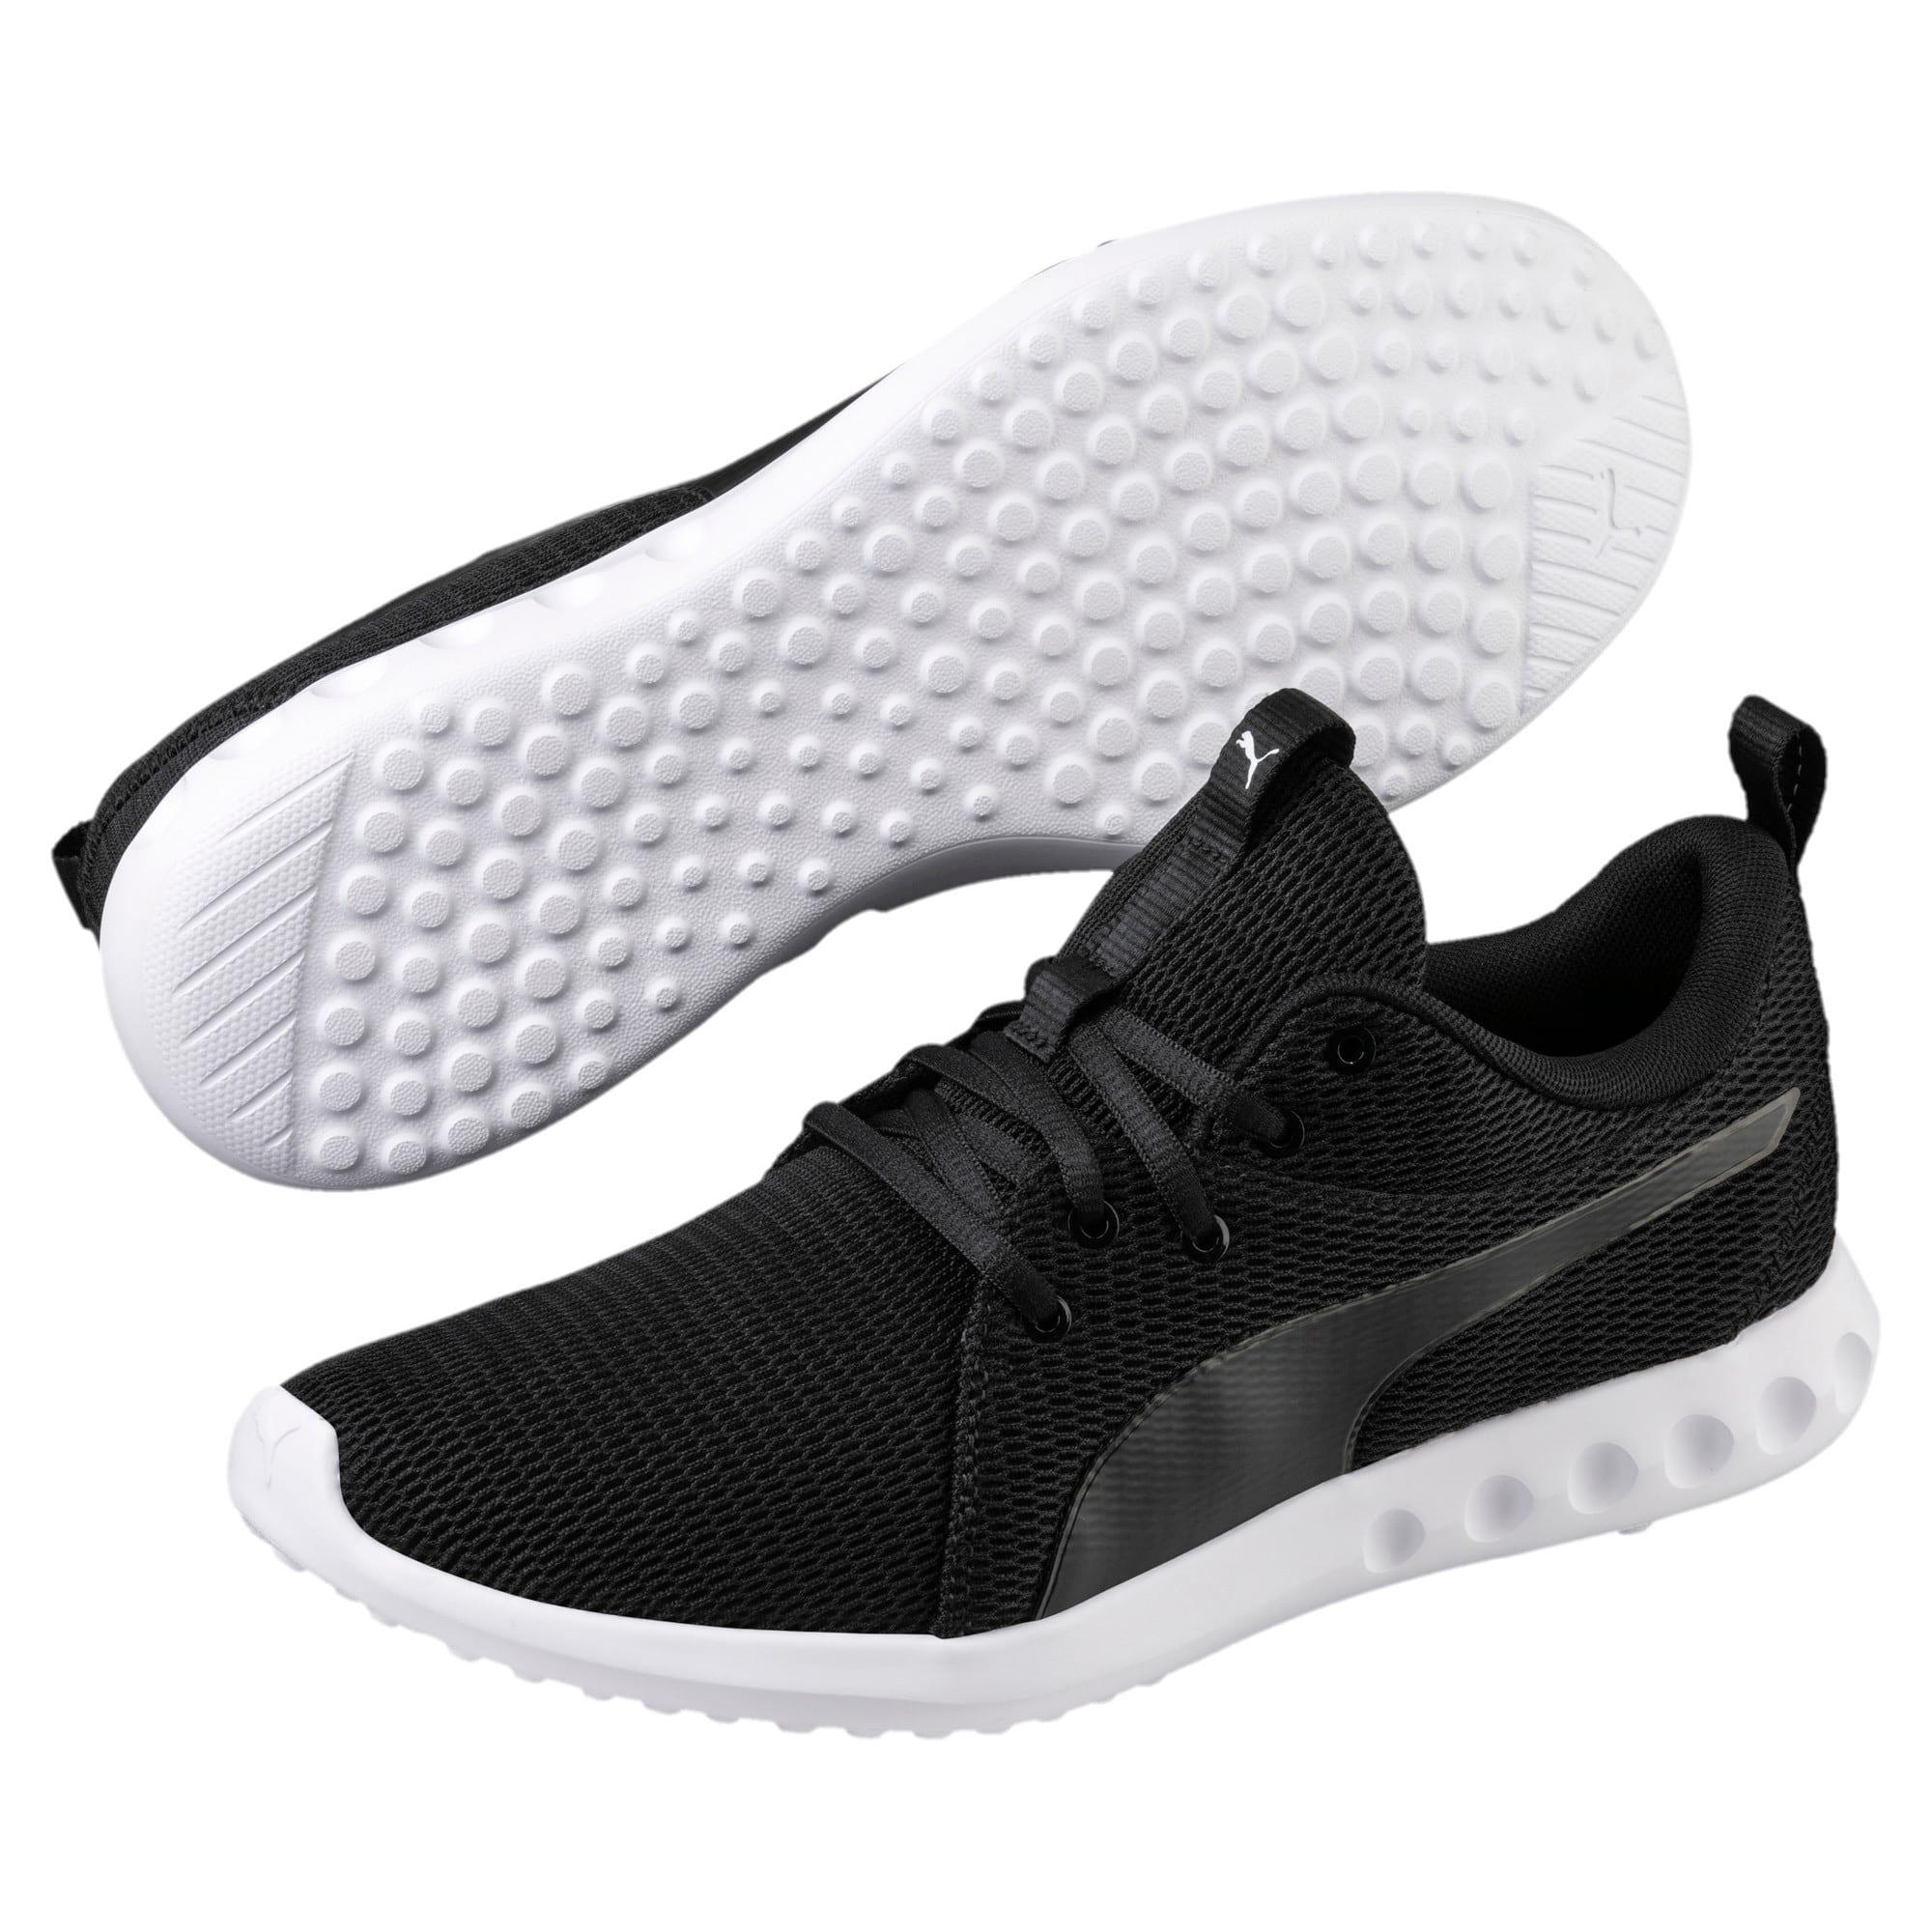 chaussures de sport 0aa2d 1da51 Carson 2 New Core Men's Running Shoes